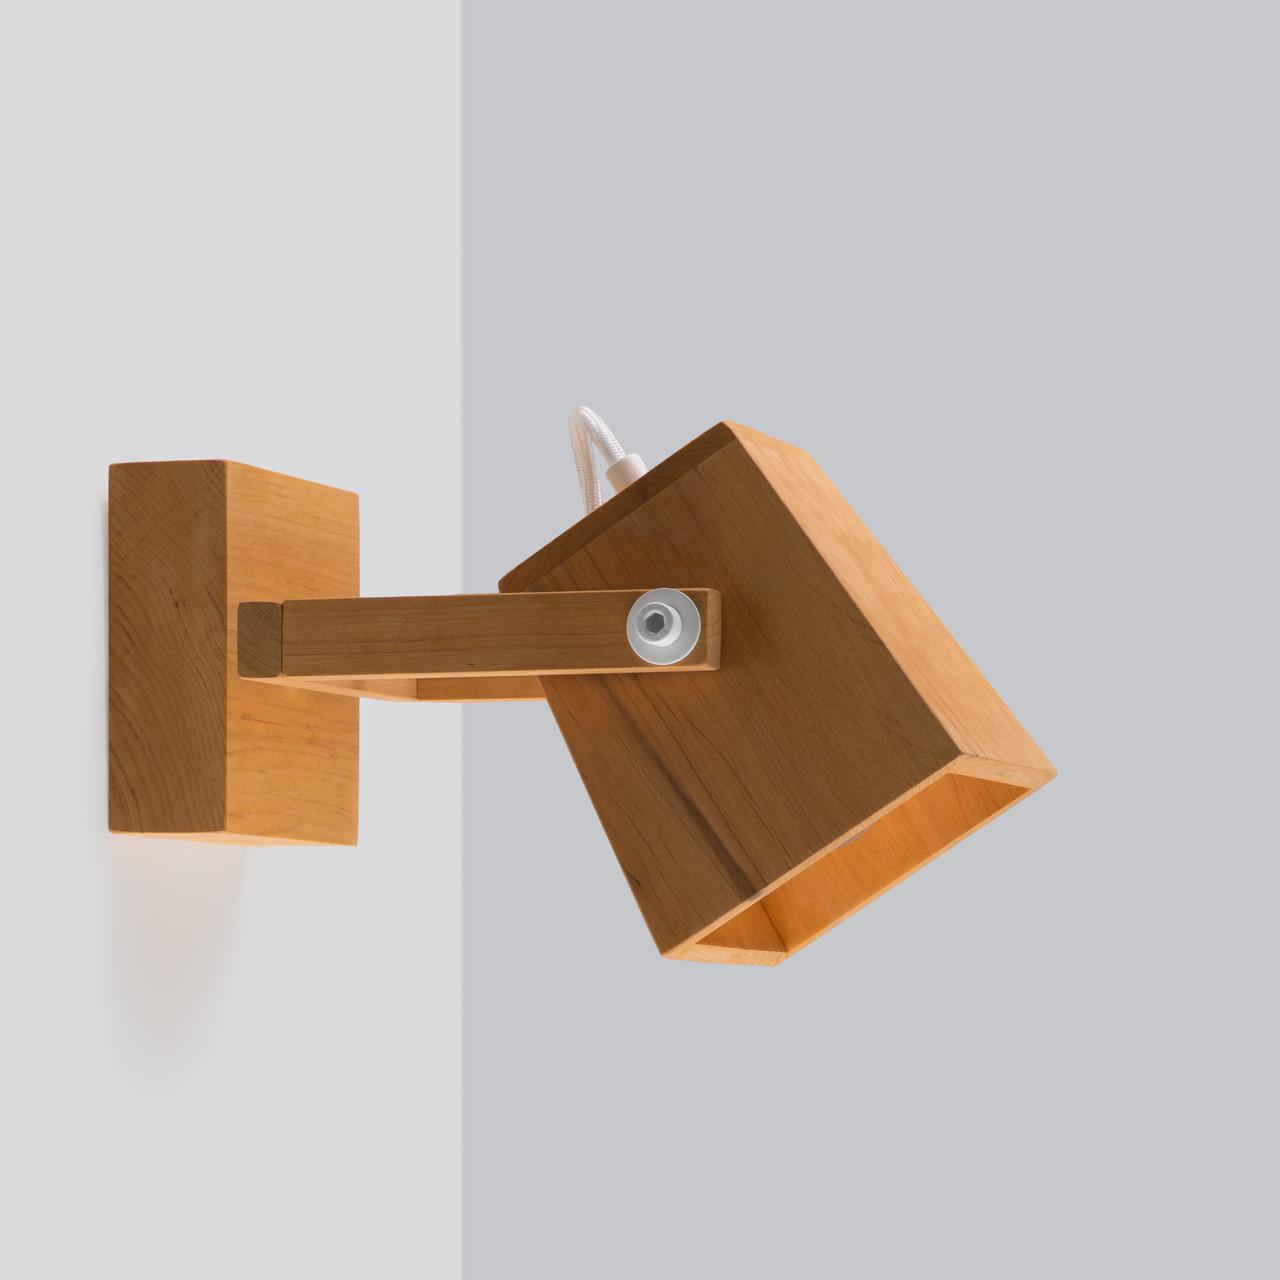 бра настенный светильник деревянный в стиле лофт с белой фурнитурой